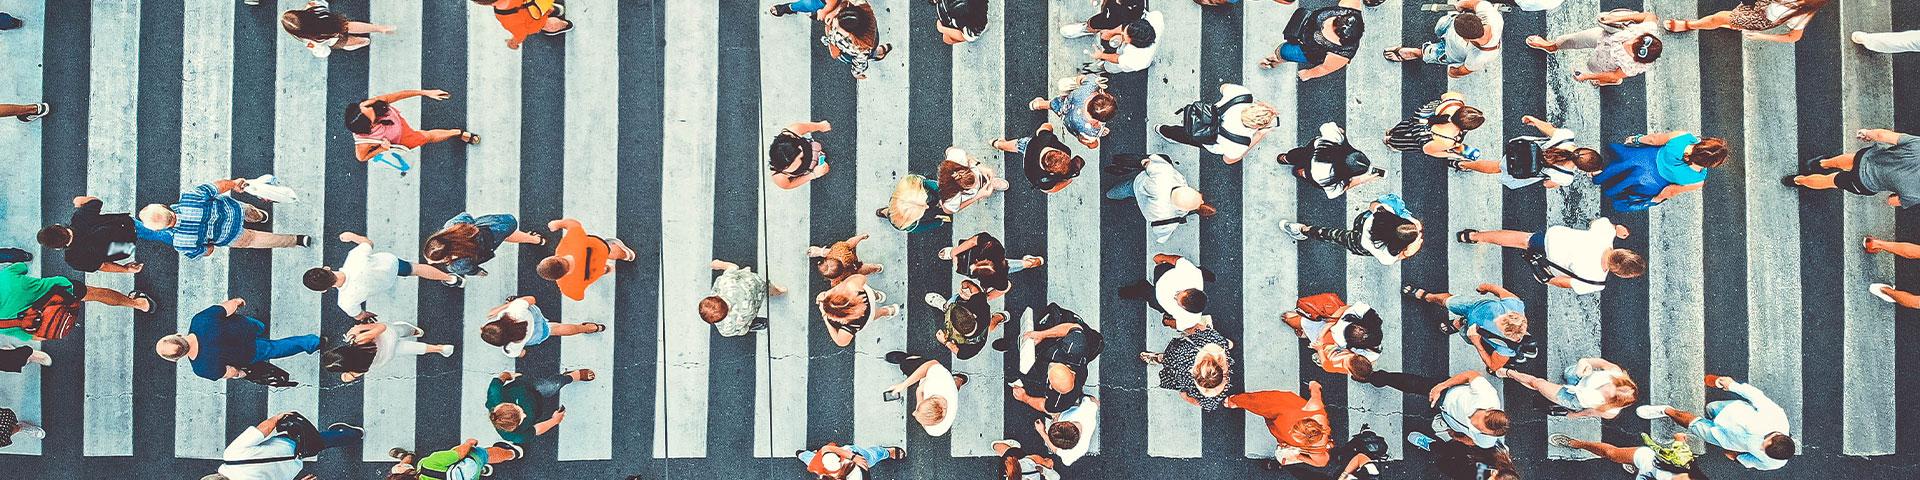 Vogelperspektive eines Zebrastreifens mit vielen Menschen die die Strasse überqueren